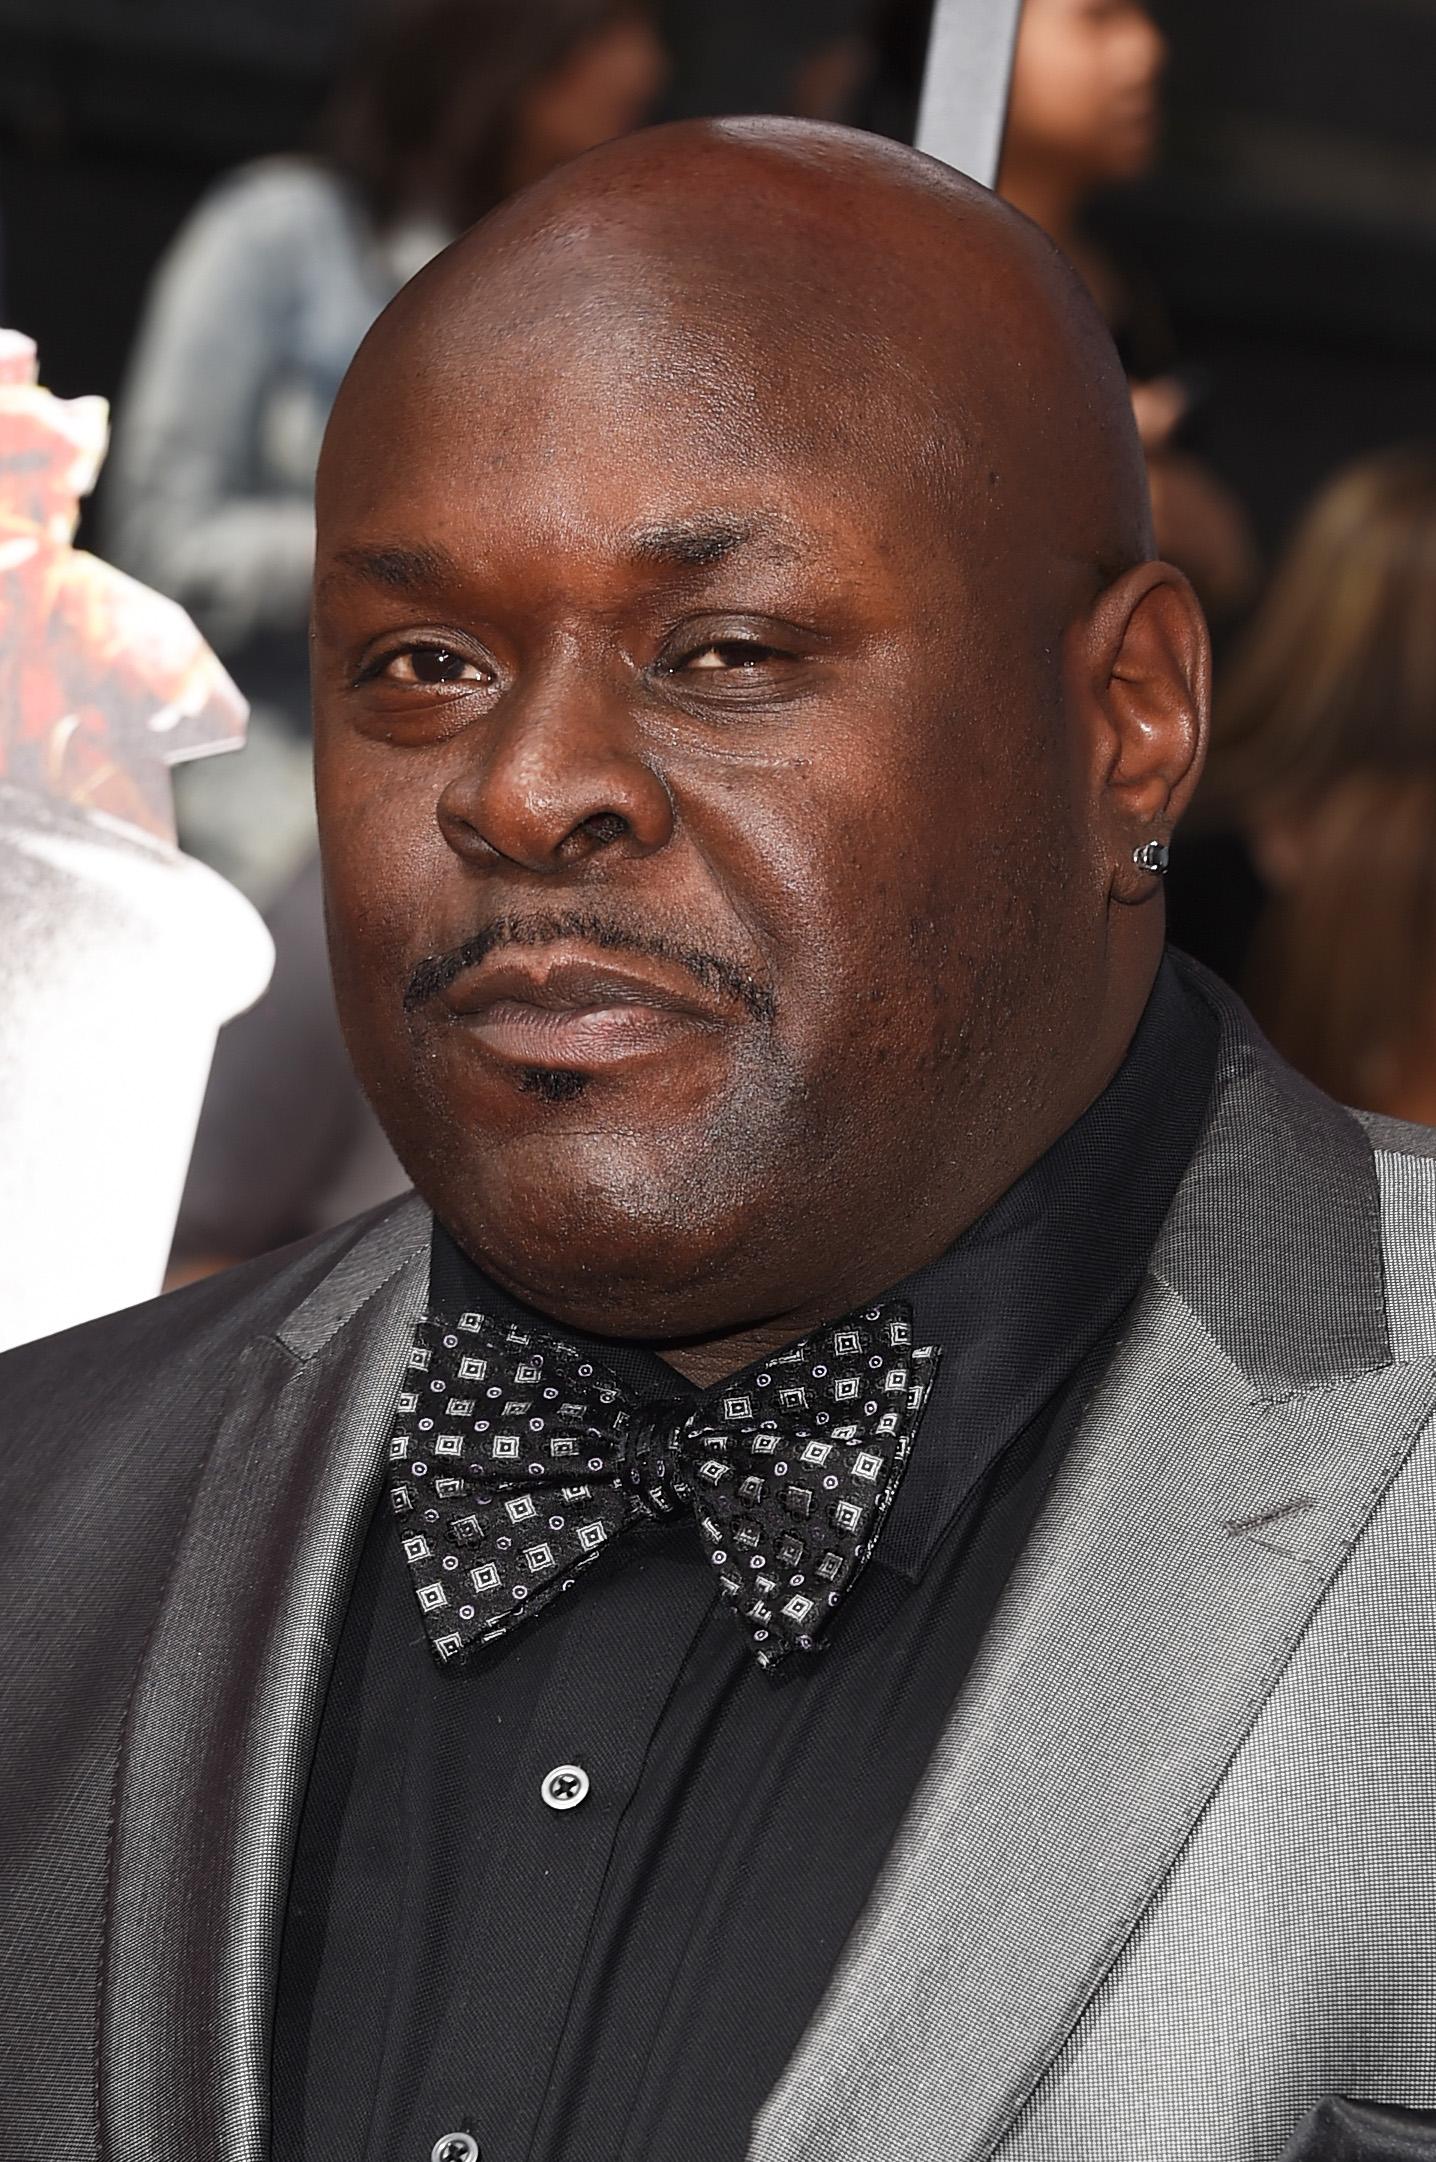 Big Black's ex speaks out